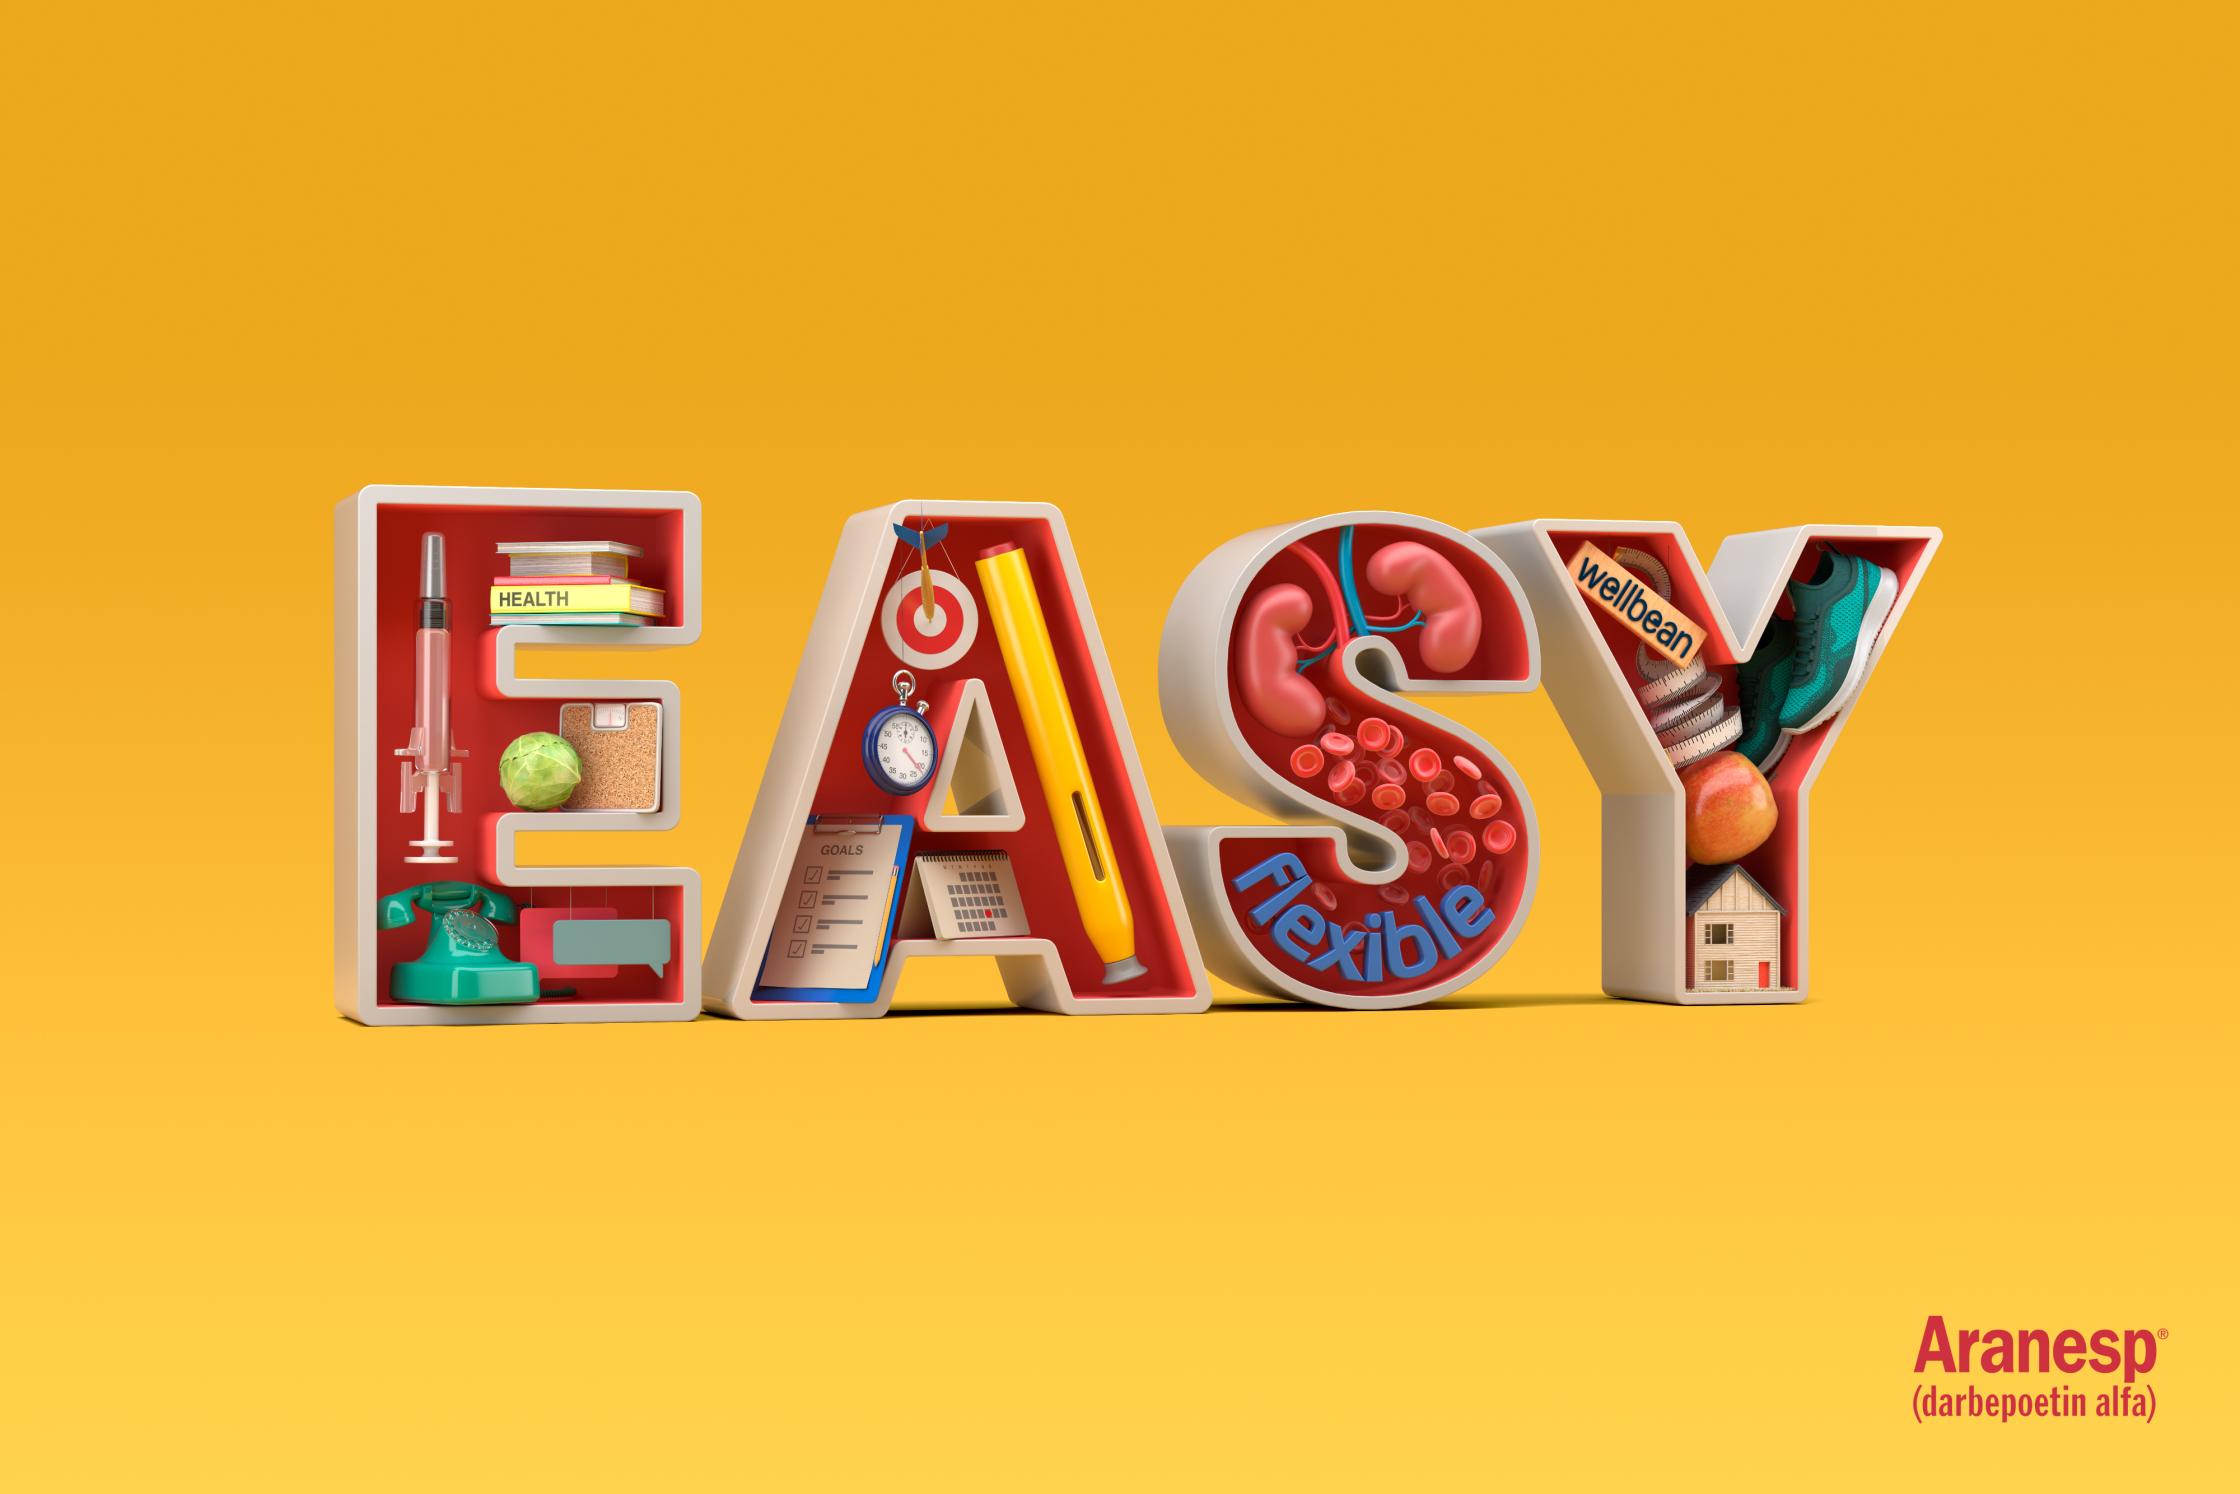 Aranesp_EASY_3D_type.jpg